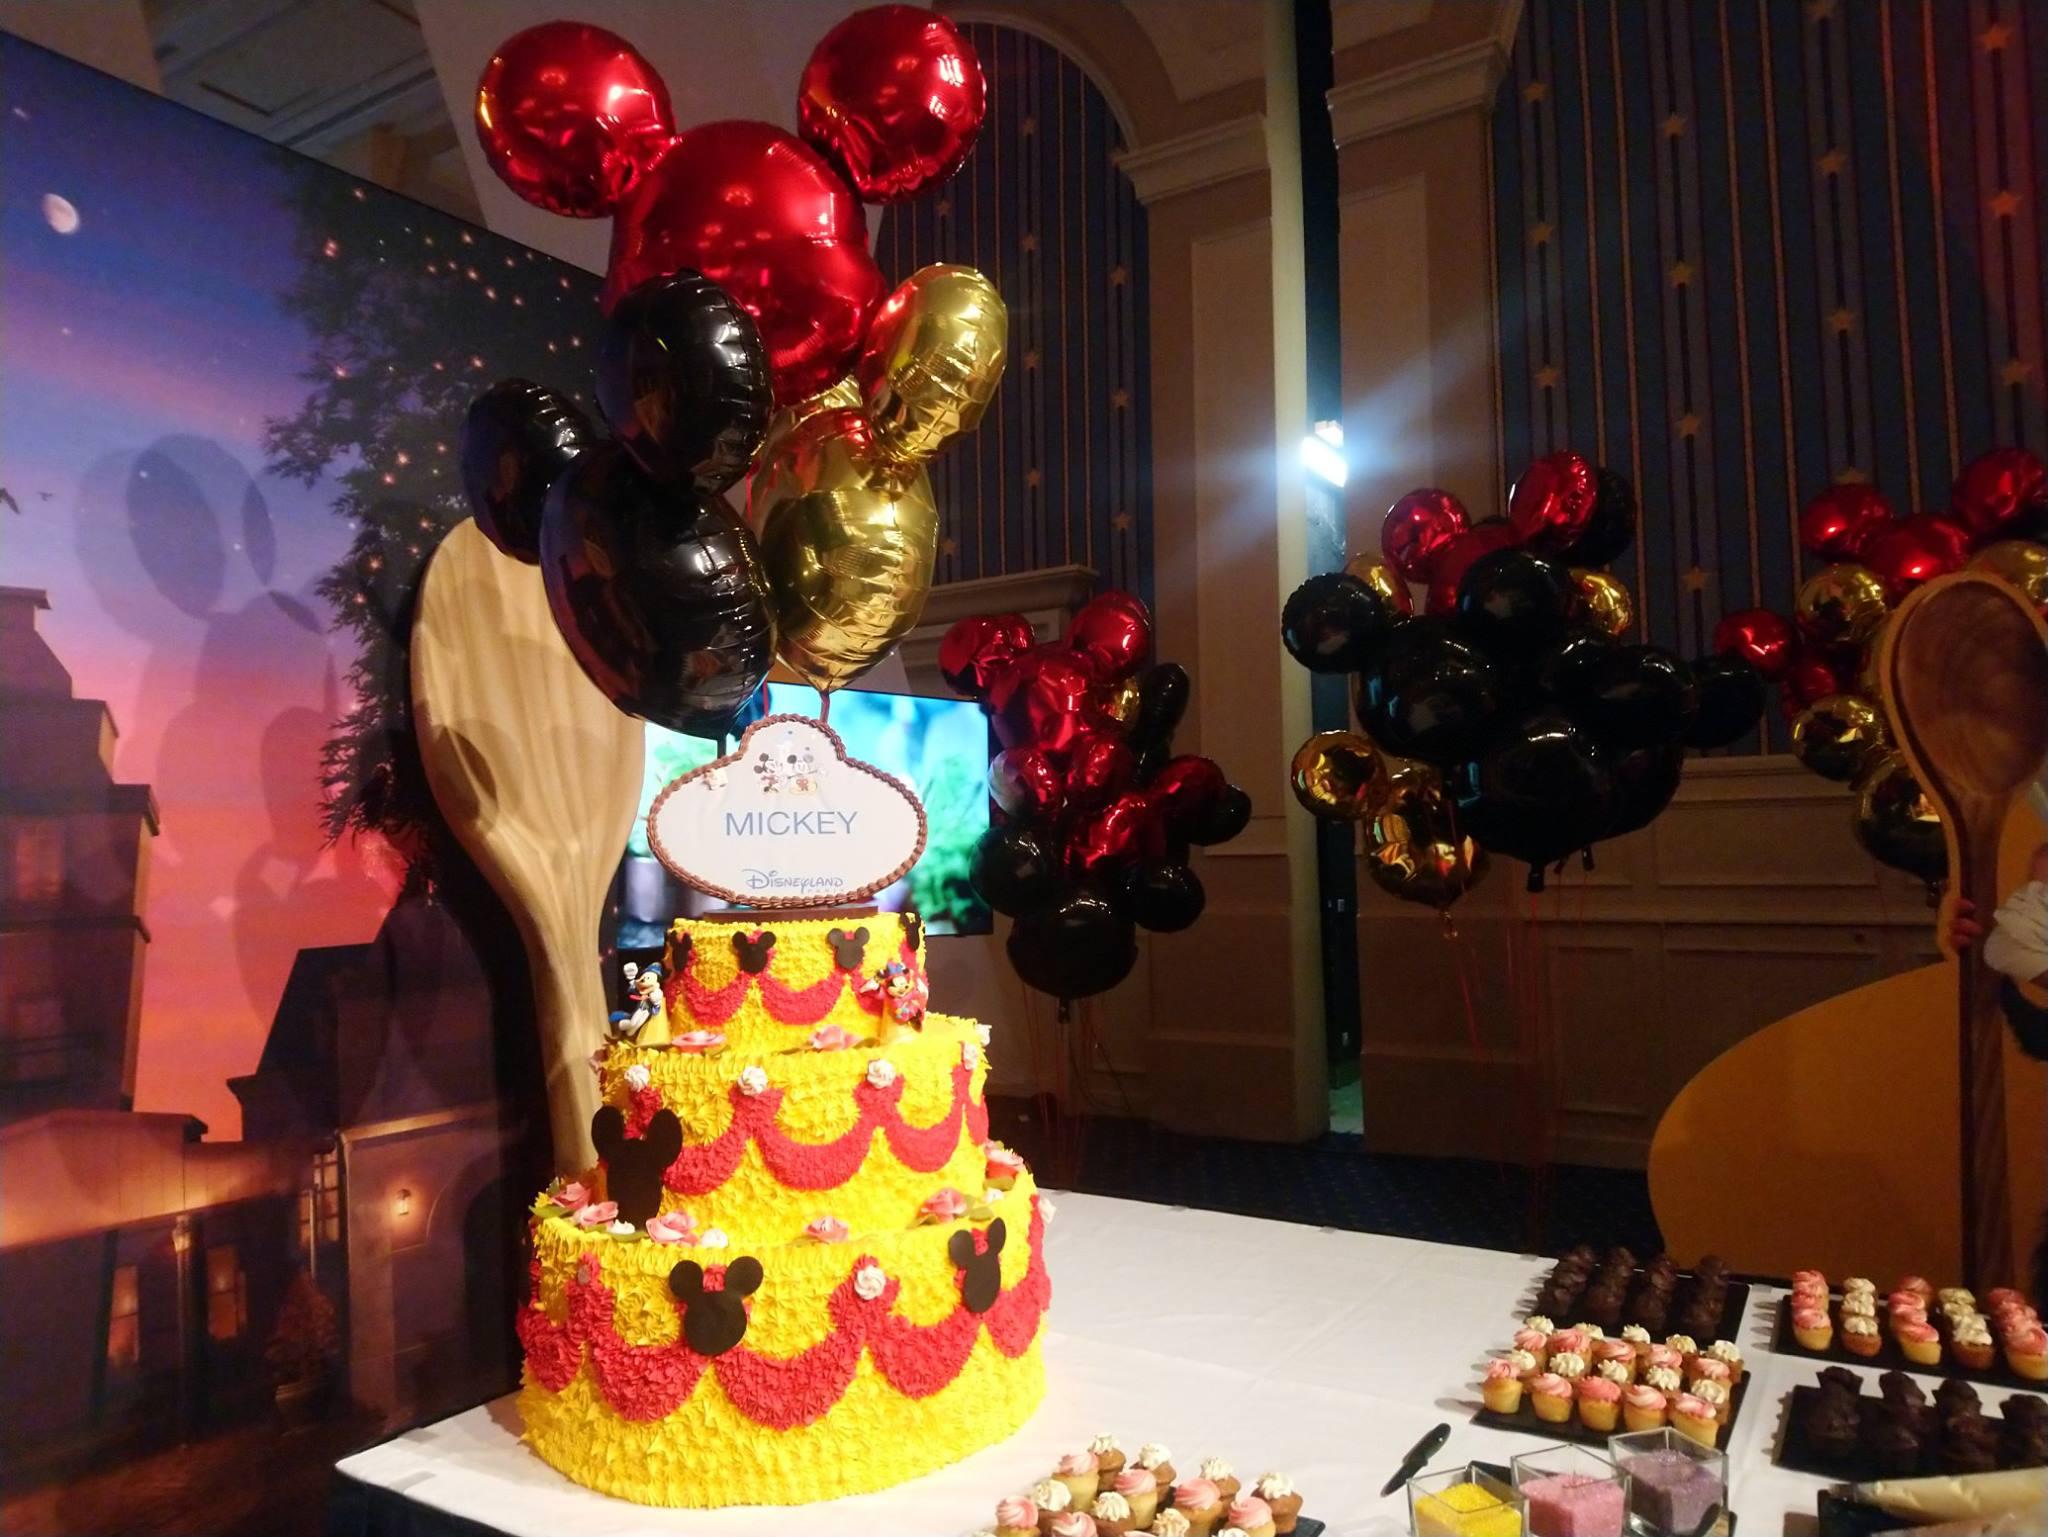 Les pâtissiers de Disneyland Paris rendent hommage à Mickey.